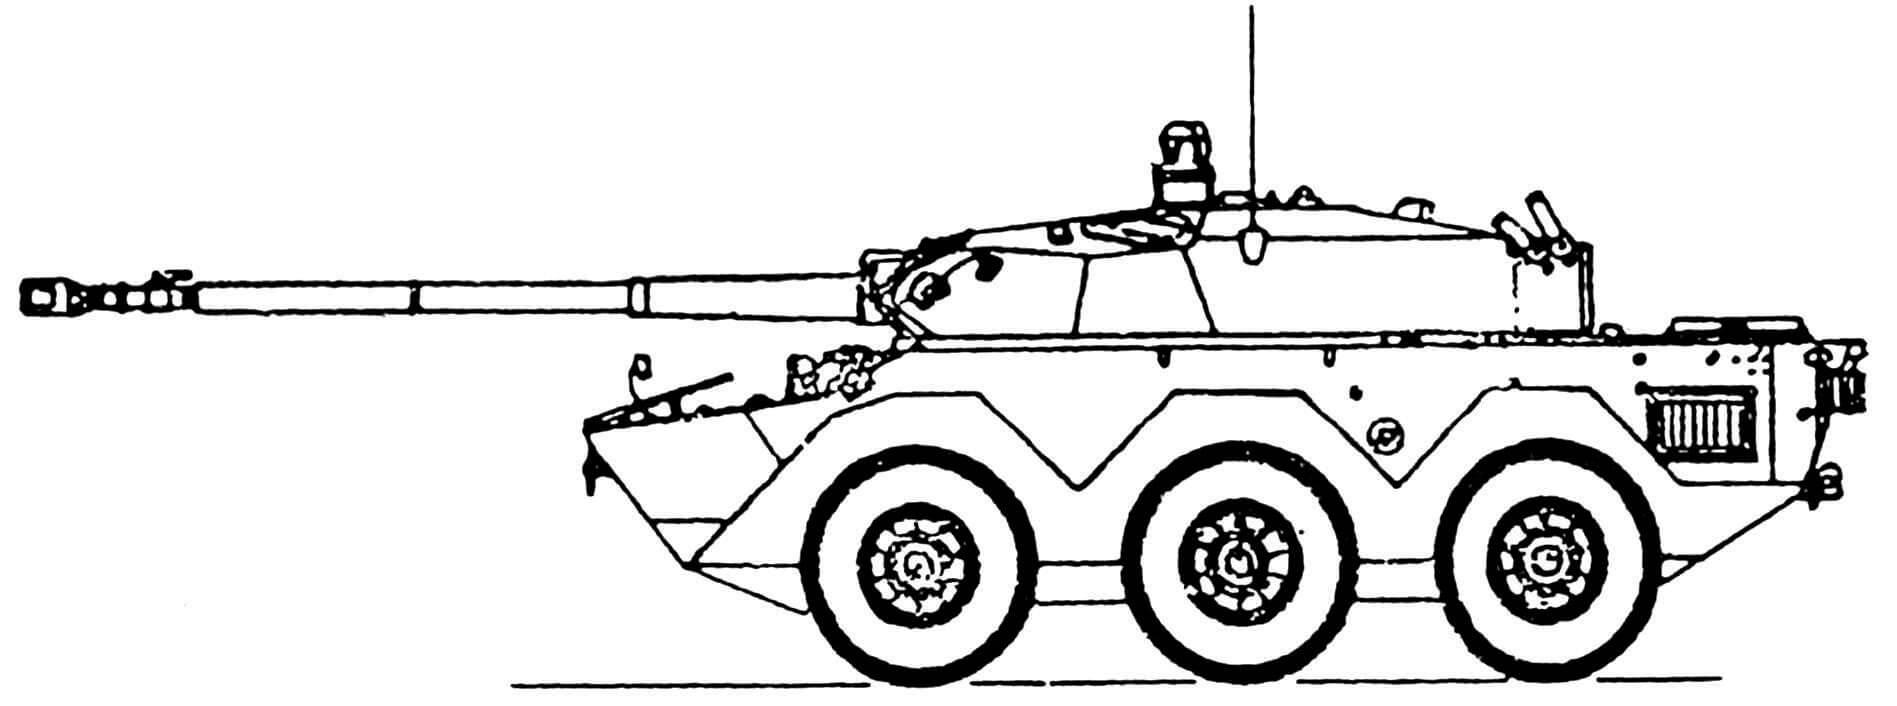 БРМ AMX-10RC со 105-мм пушкой F-2